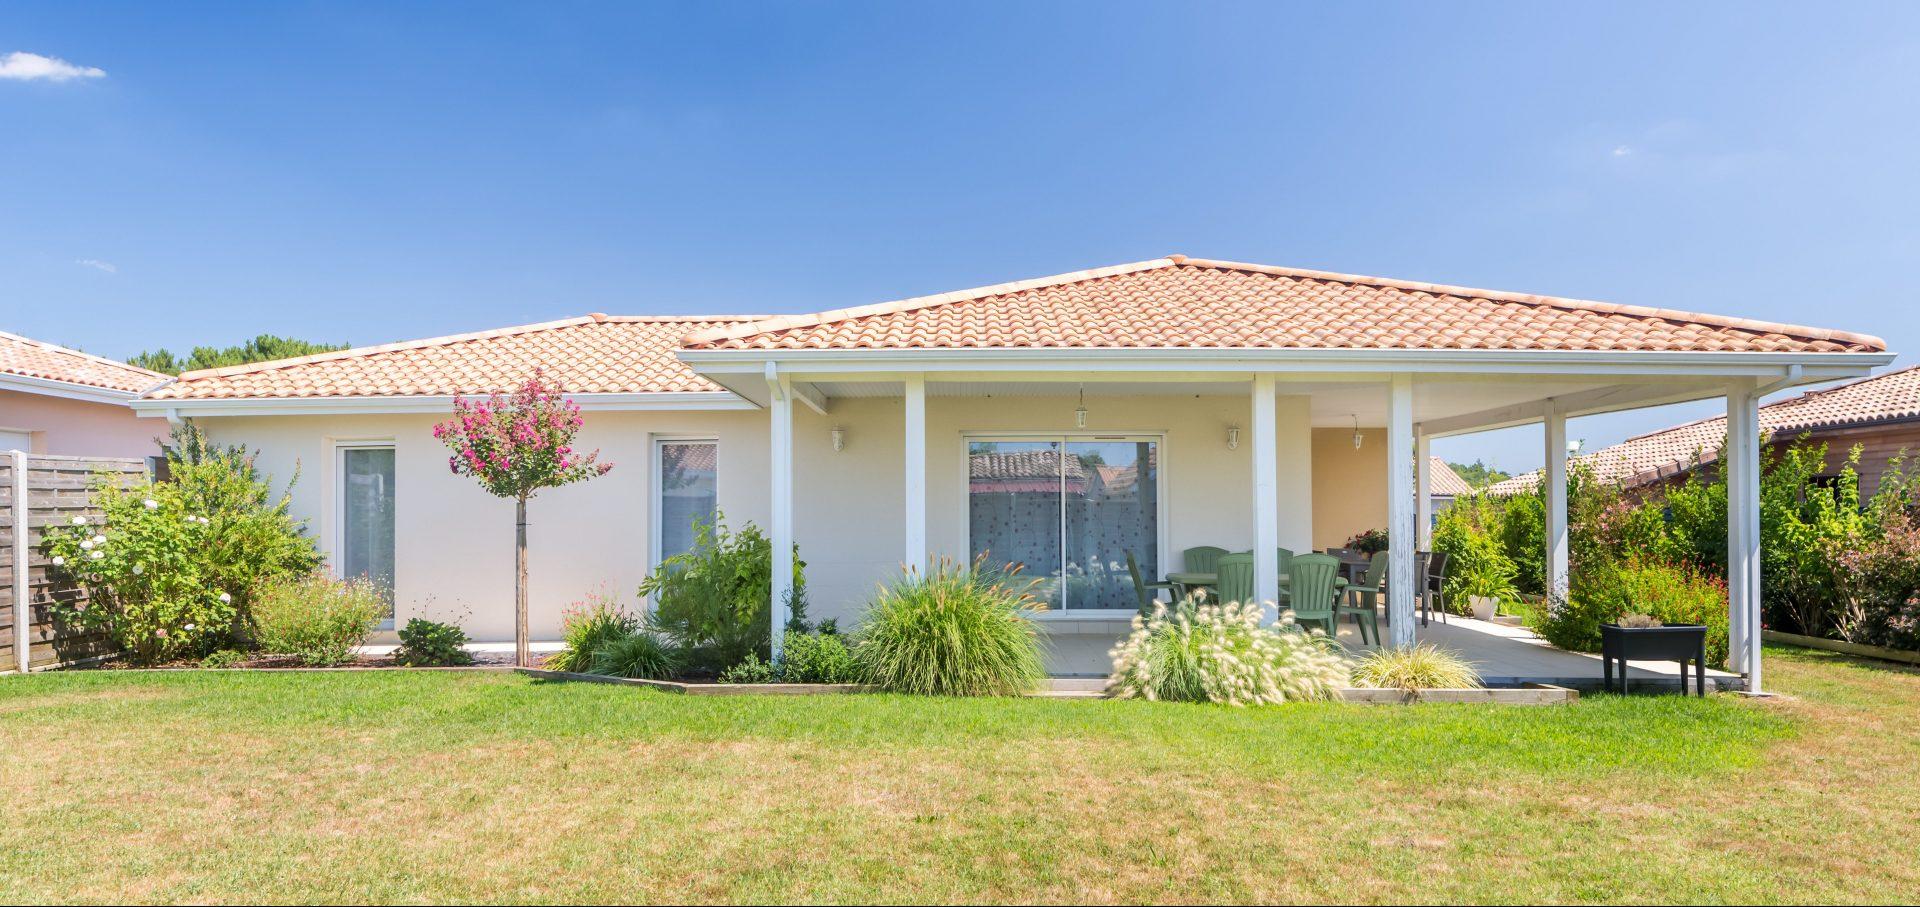 Une Maison Entourée D'une Vaste Terrasse D'angle Couverte ... à Maison Avec Terrasse Couverte